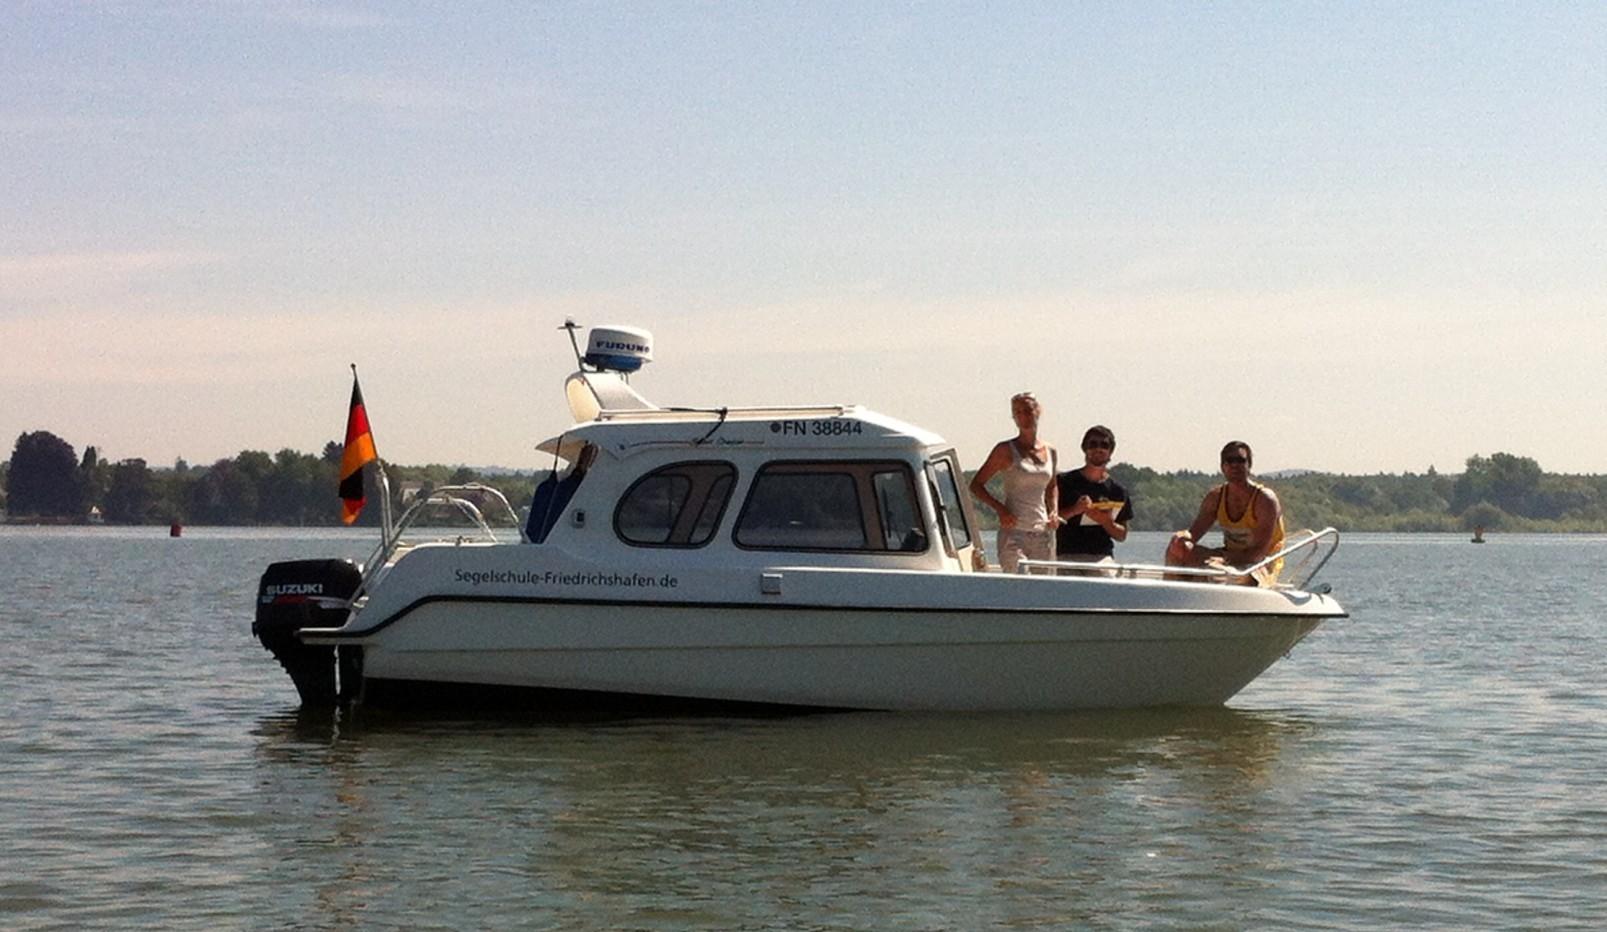 Sportbootführerschein Binnen in Friedrichshafen